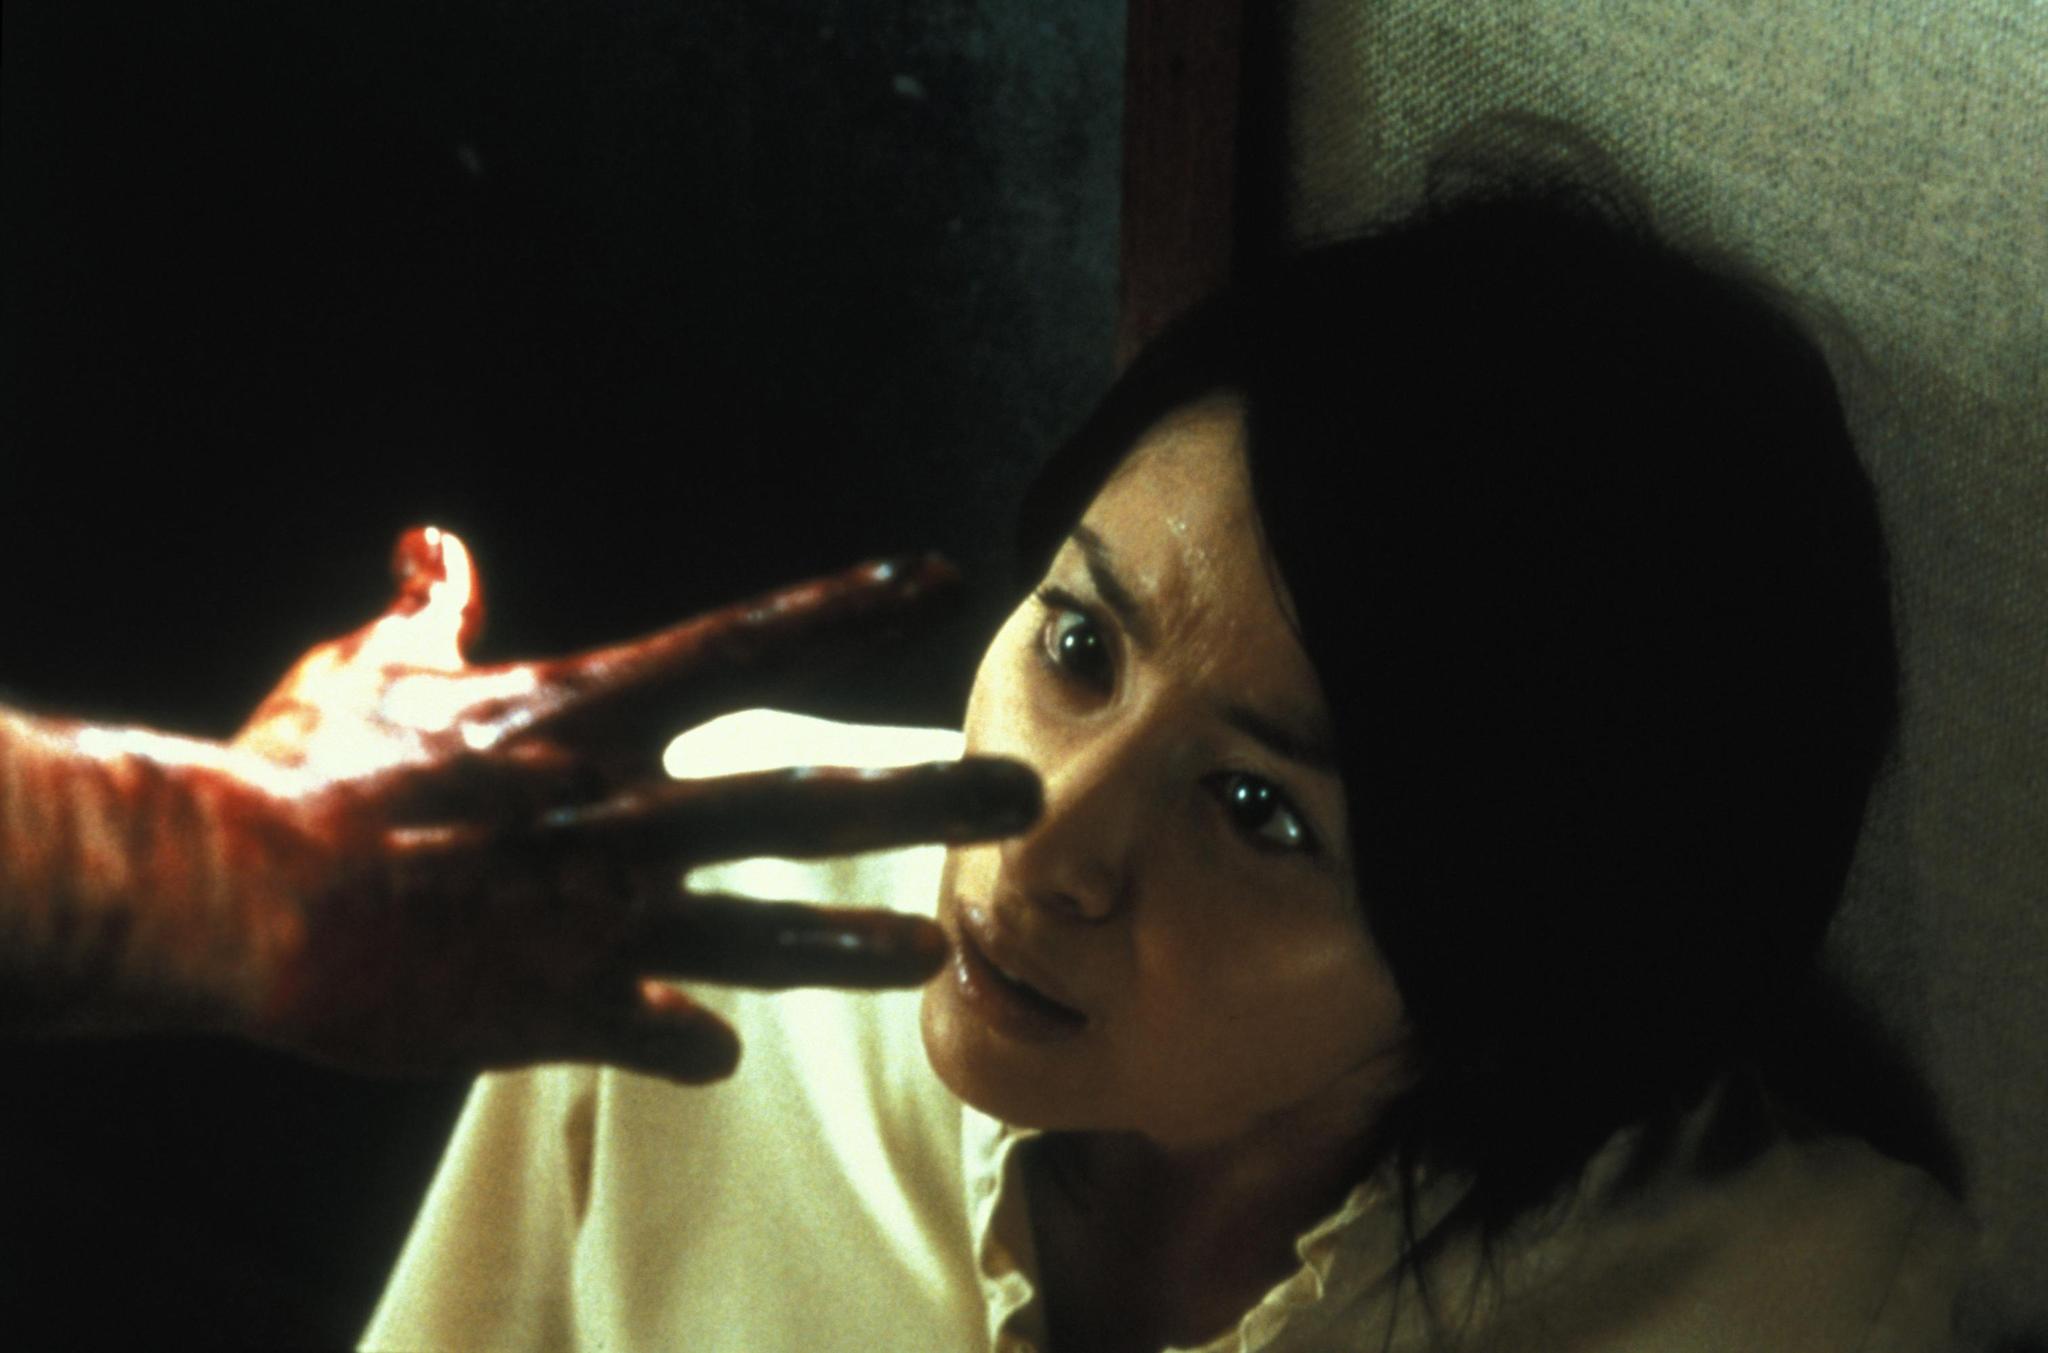 Megumi Okina and Takako Fuji in Ju-on (2002)